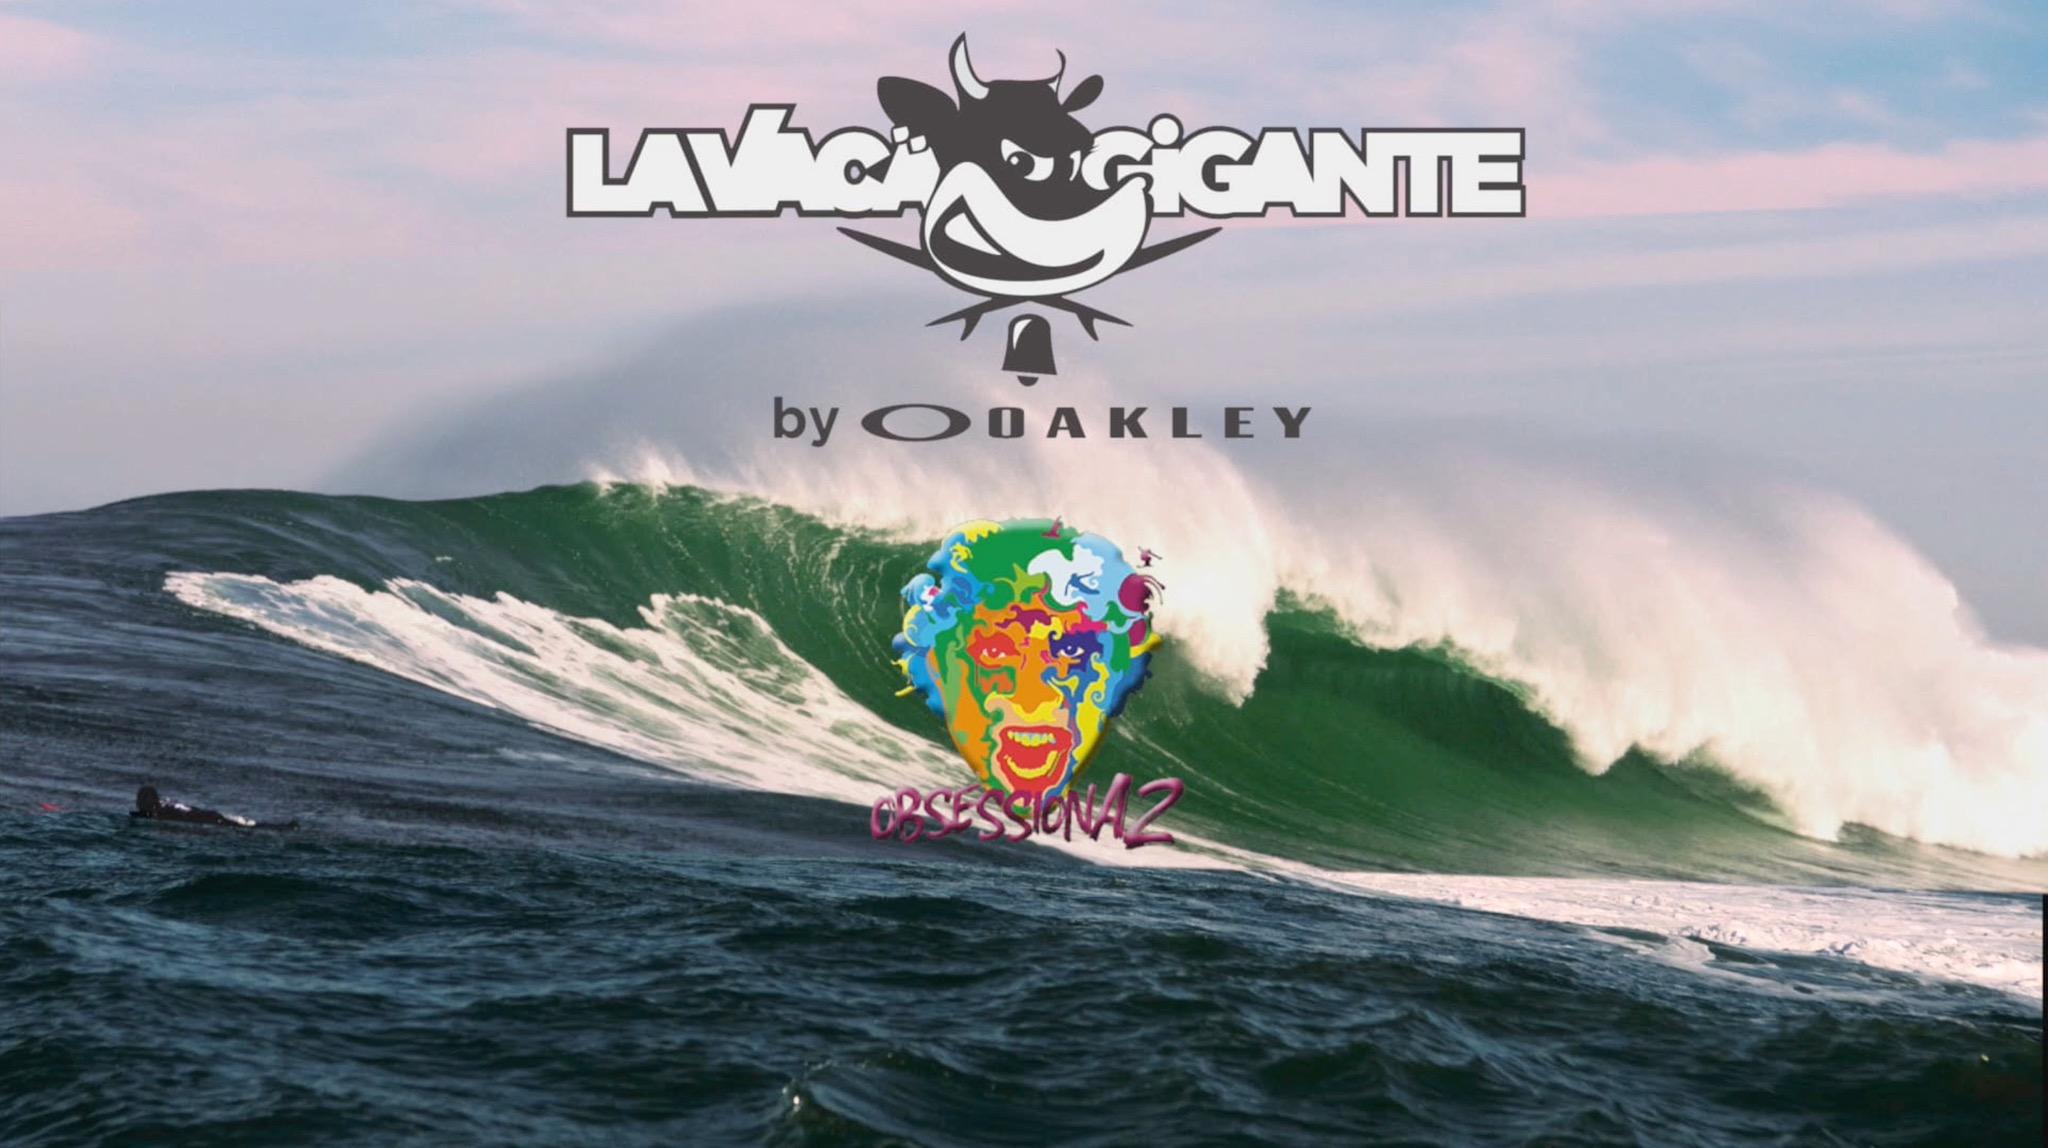 surf-la-vaca-gigante-oakley-2016